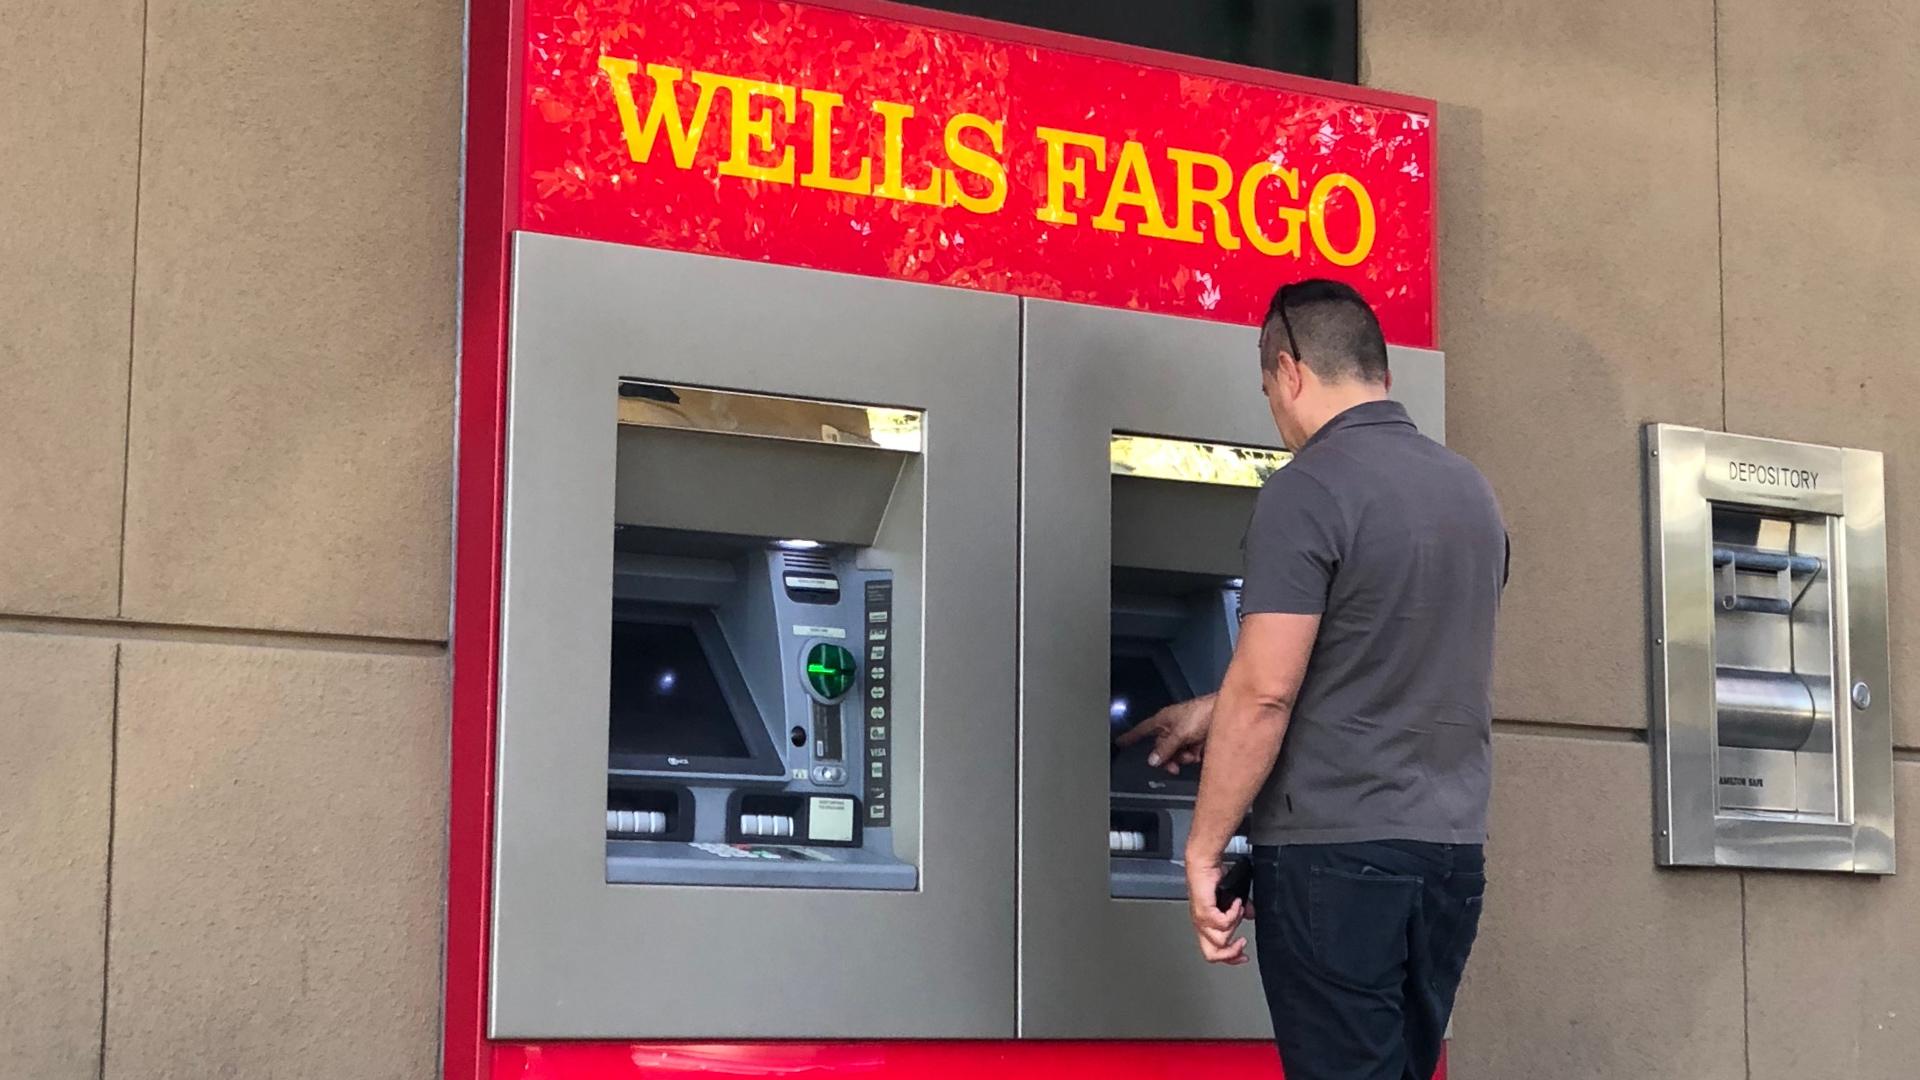 How to Avoid Wells Fargo Overdraft Fees | GOBankingRates